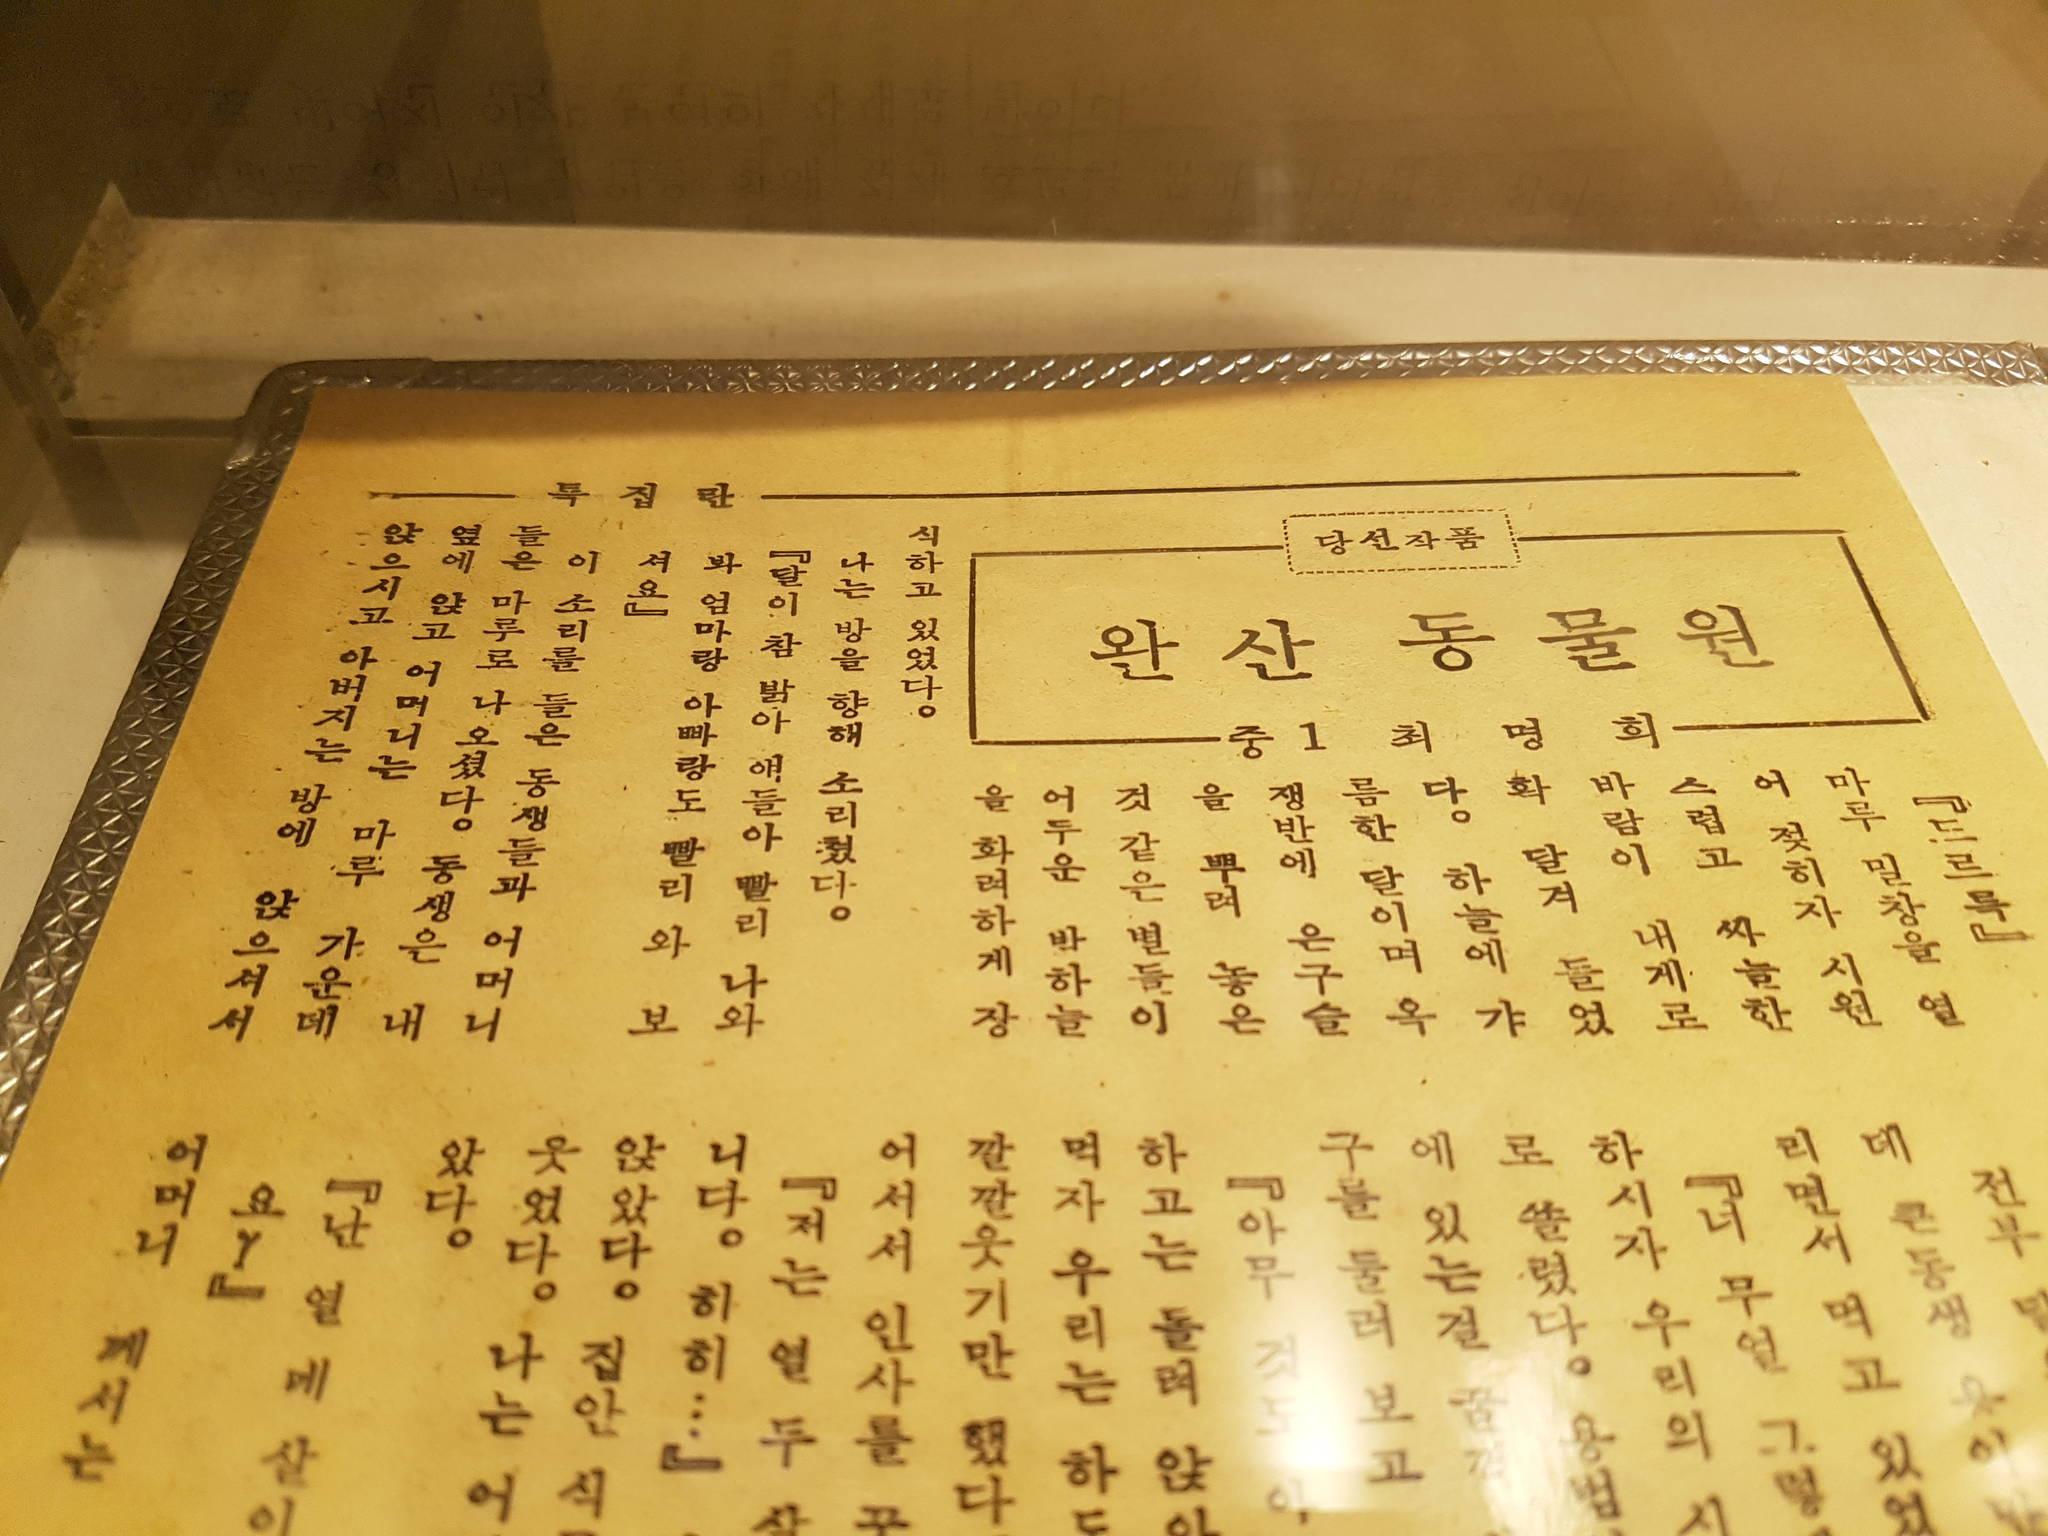 '소년 천재 문사'로 이름을 날린 최명희가 중학교 1학년 때 쓴 수필. 전주=김준희 기자